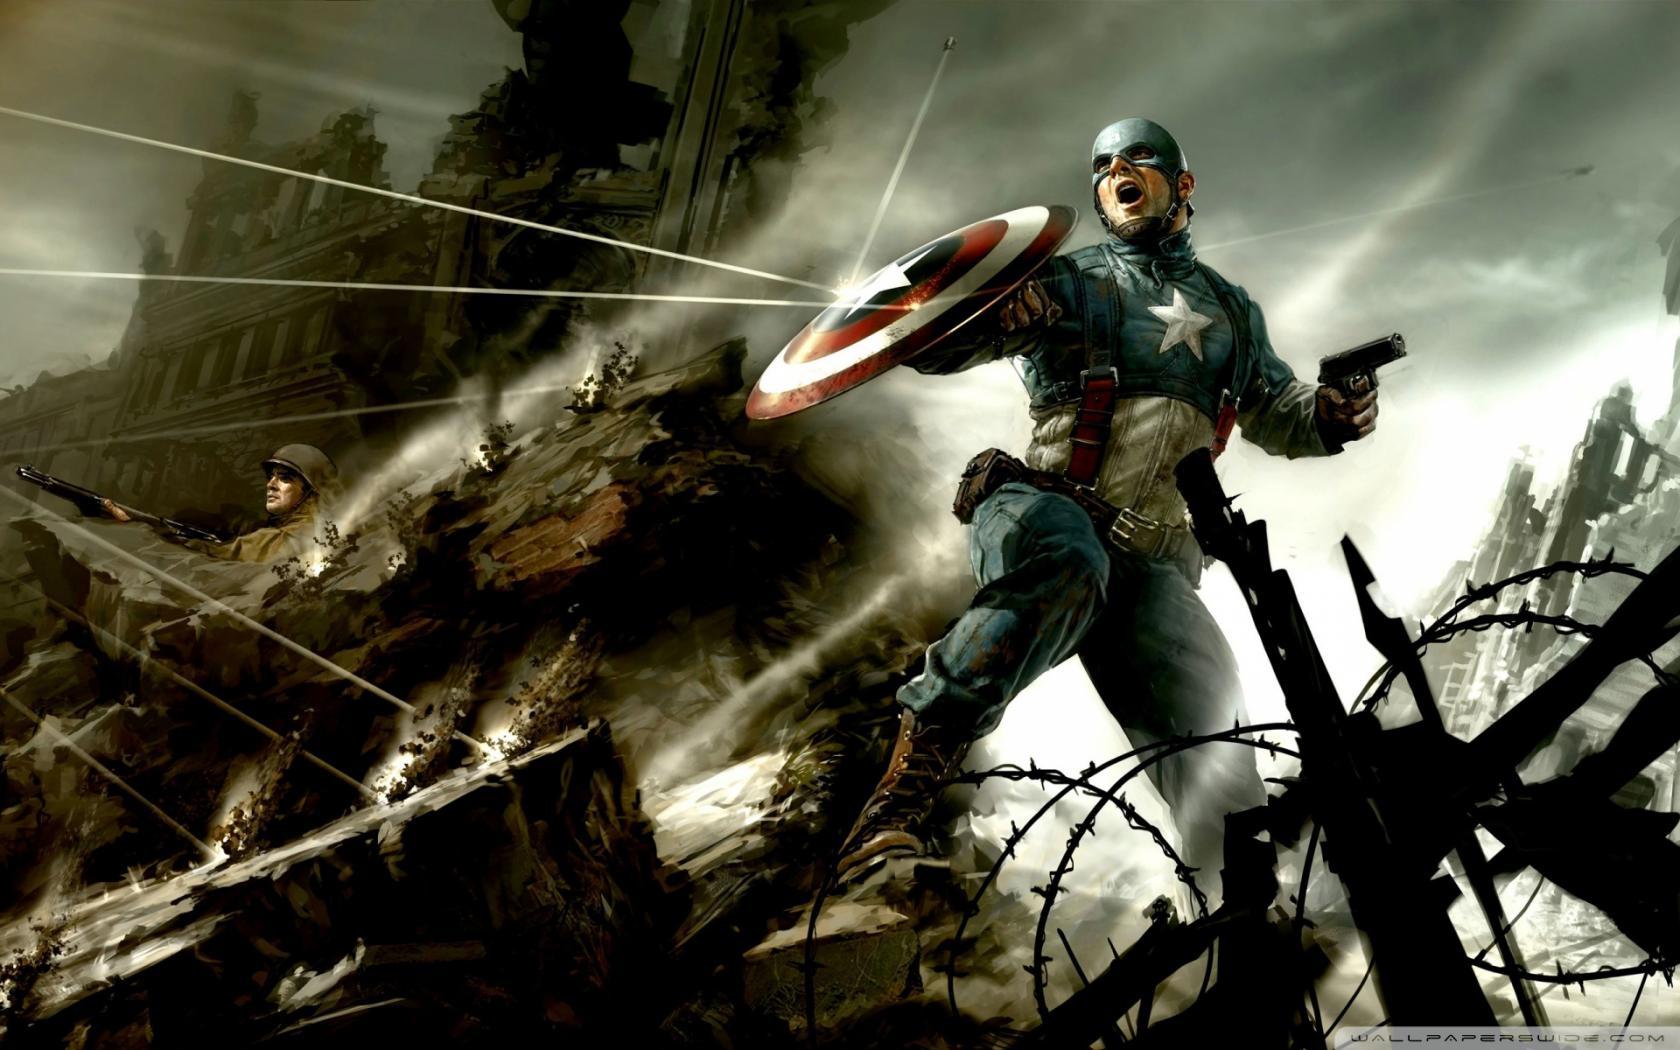 Капитан америка первый мститель 1680x1050